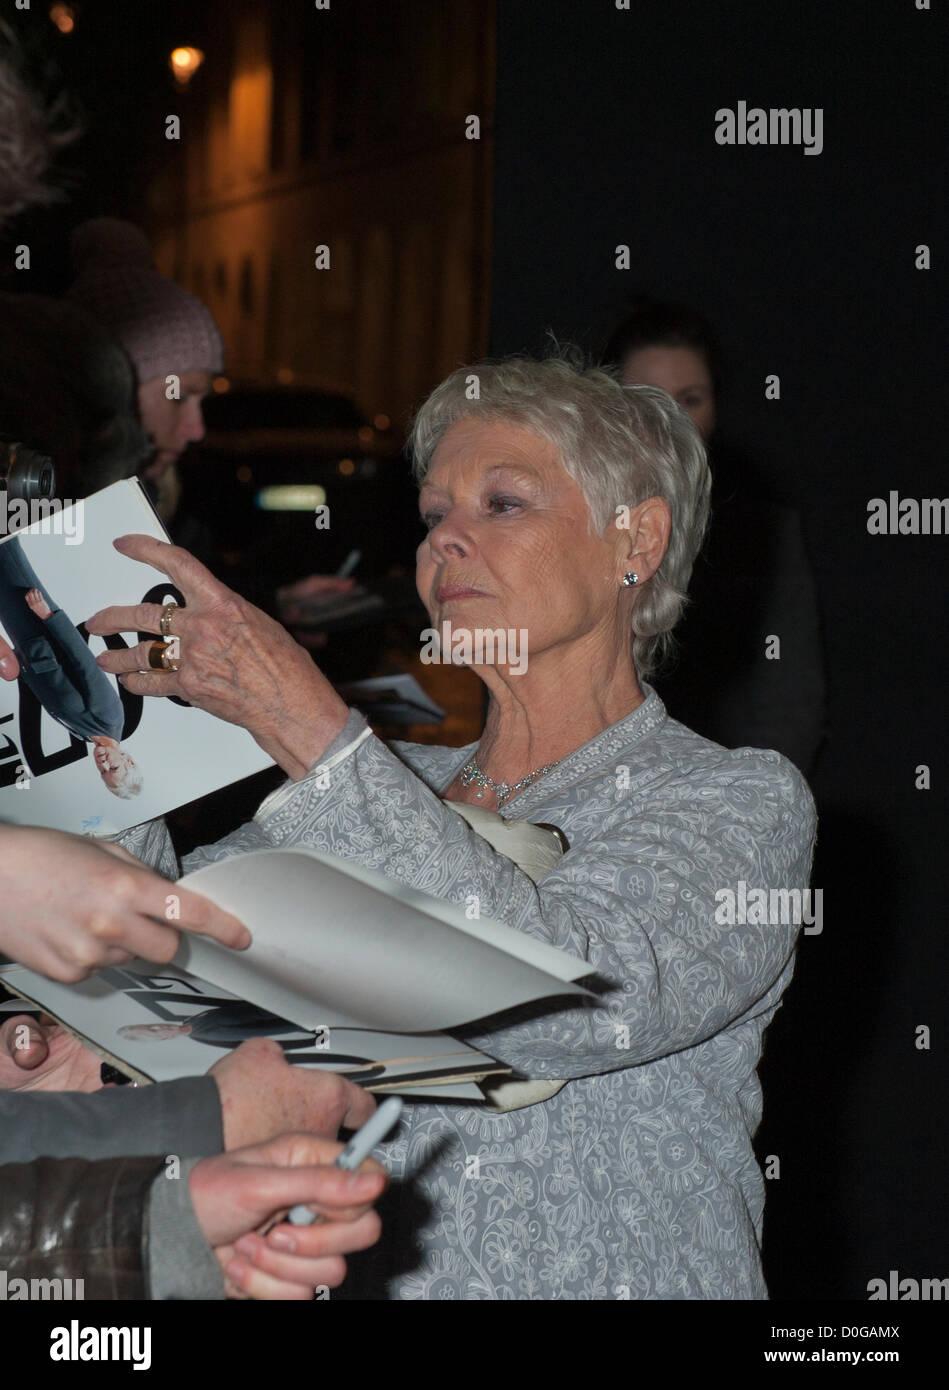 Dame Judi Dench firma autógrafos en Evening Standard Theatre Awards 2012, el Savoy de Londres el 25 de noviembre de 2012 Foto de stock